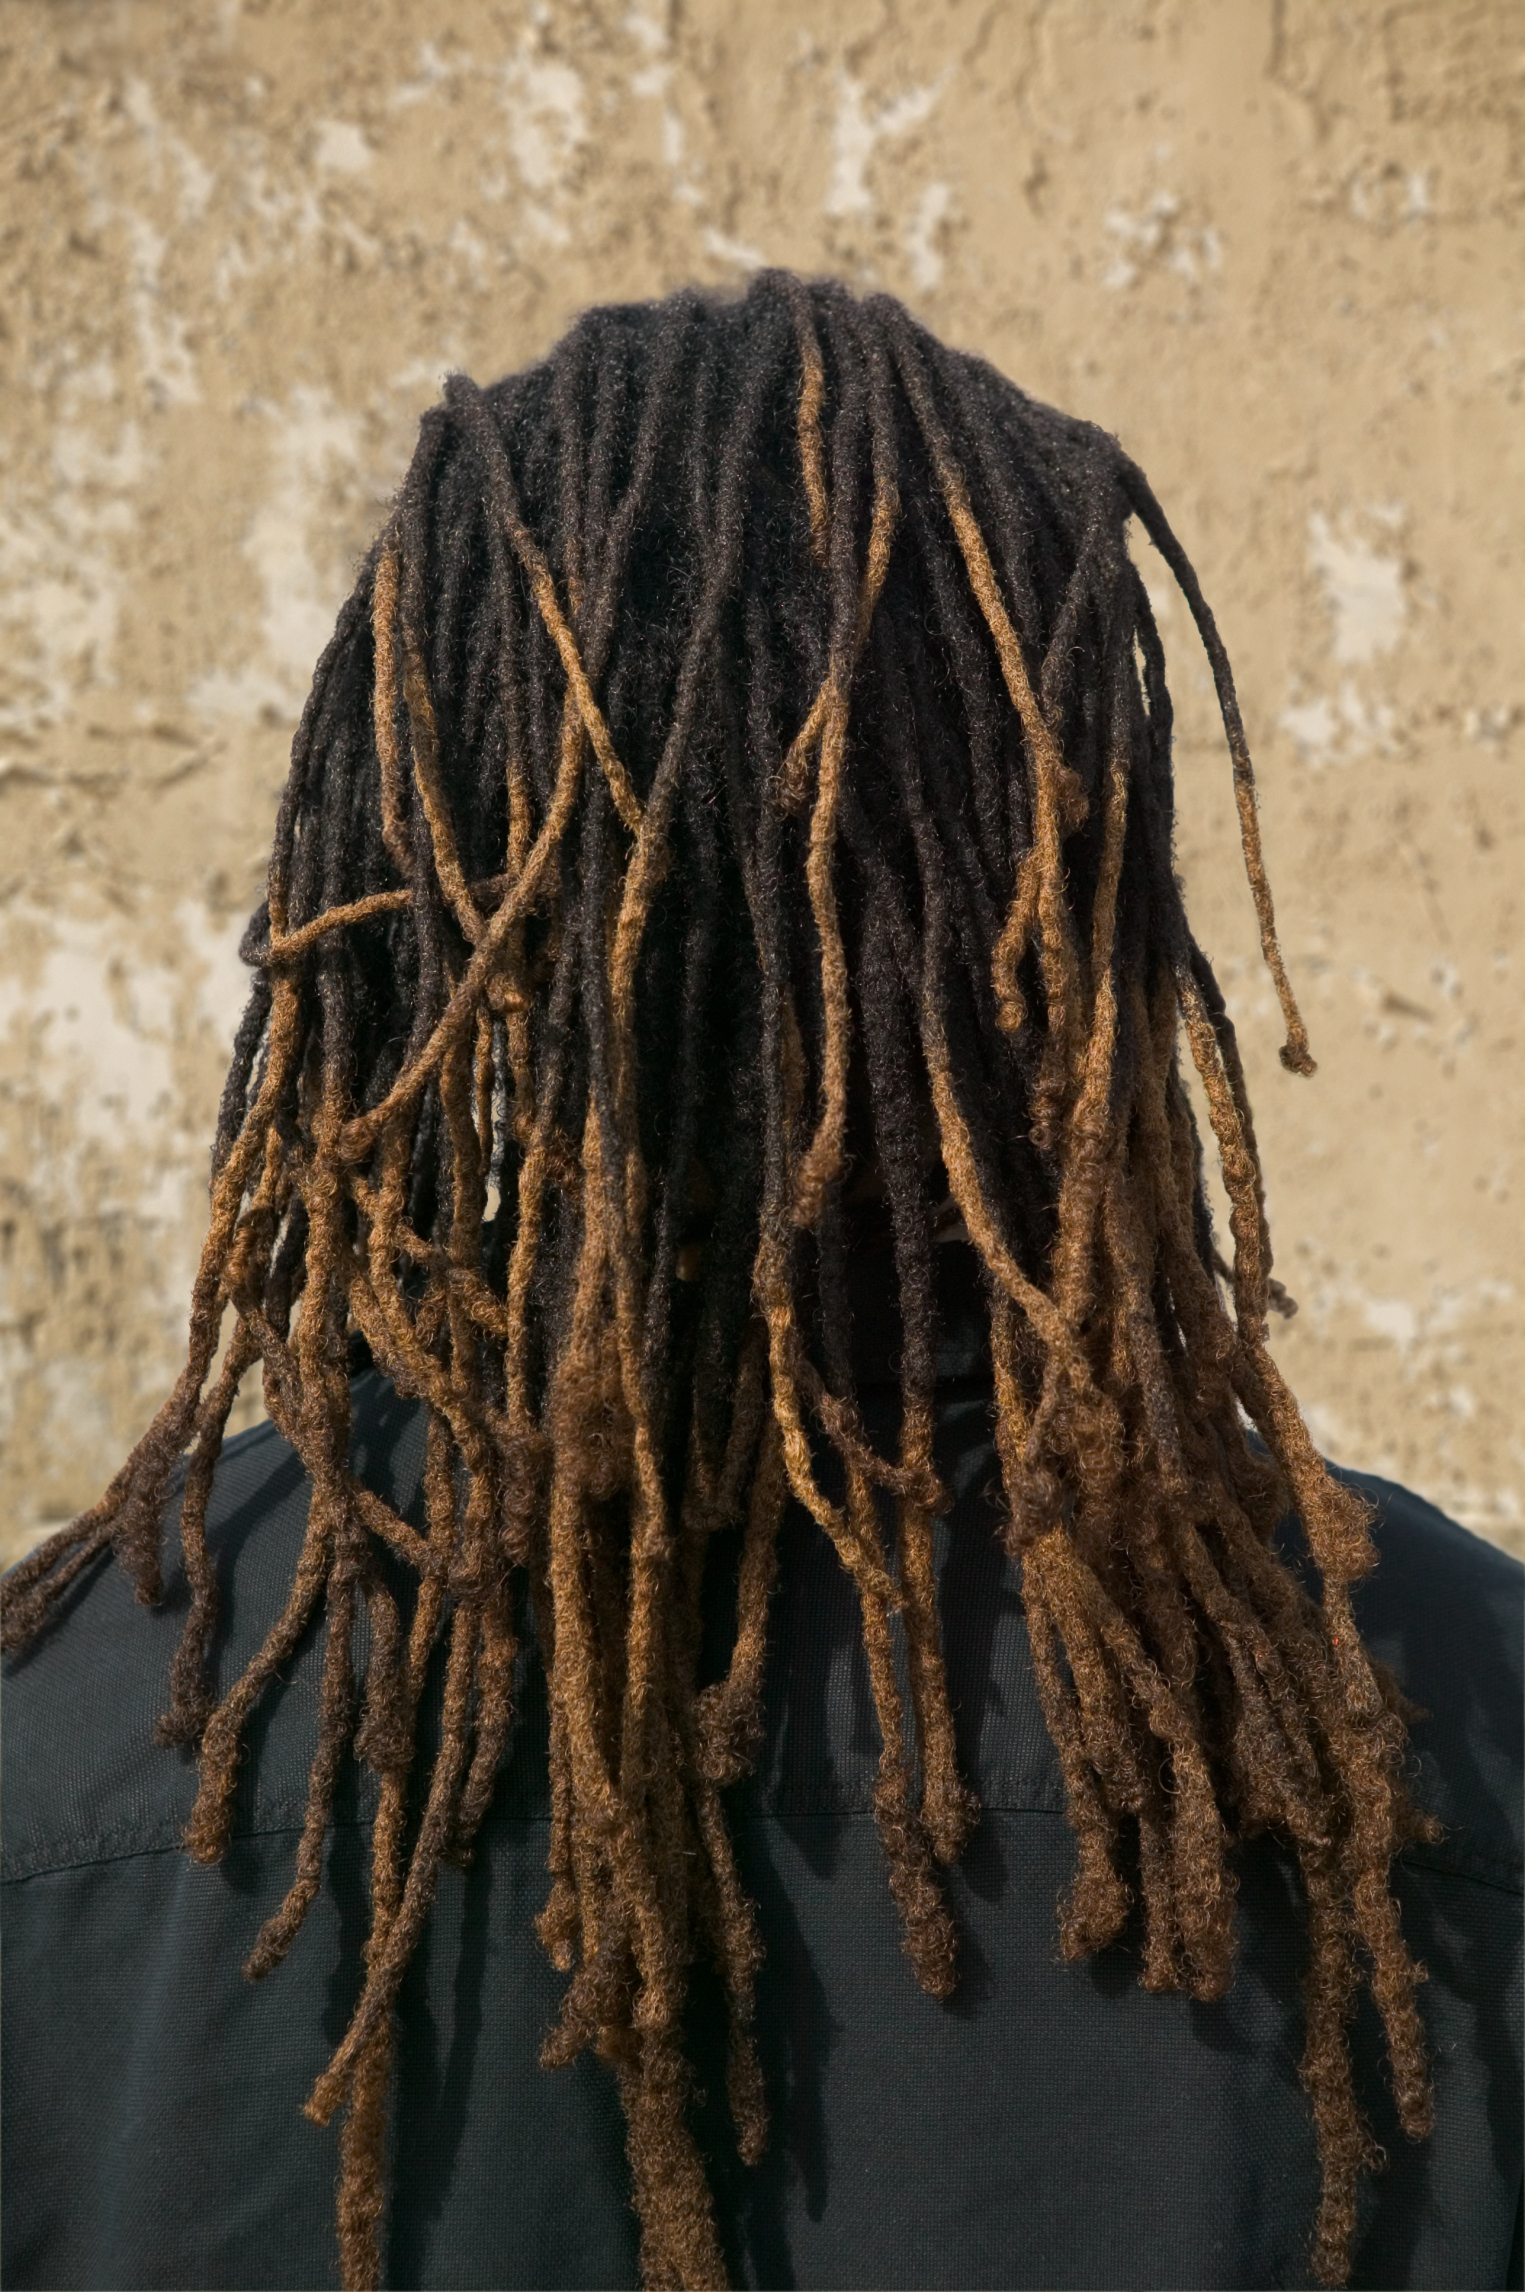 In dreads mold Are Dreadlocks